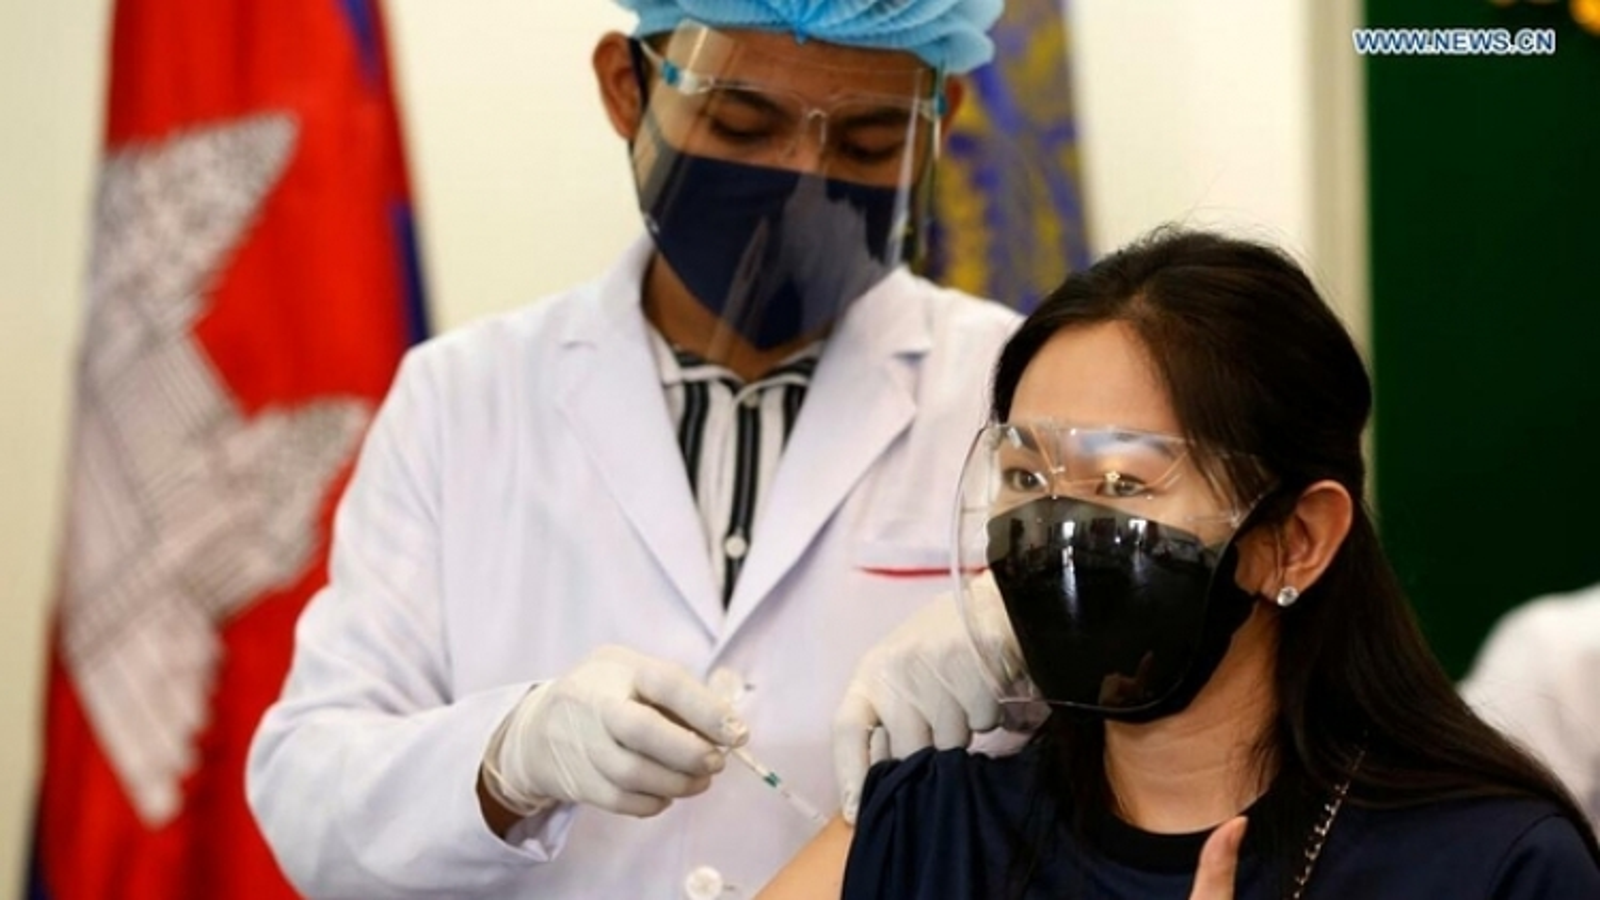 Vaccine Covid-19 đang bị vũ khí hóa trong cuộc cạnh tranh địa chính trị toàn cầu